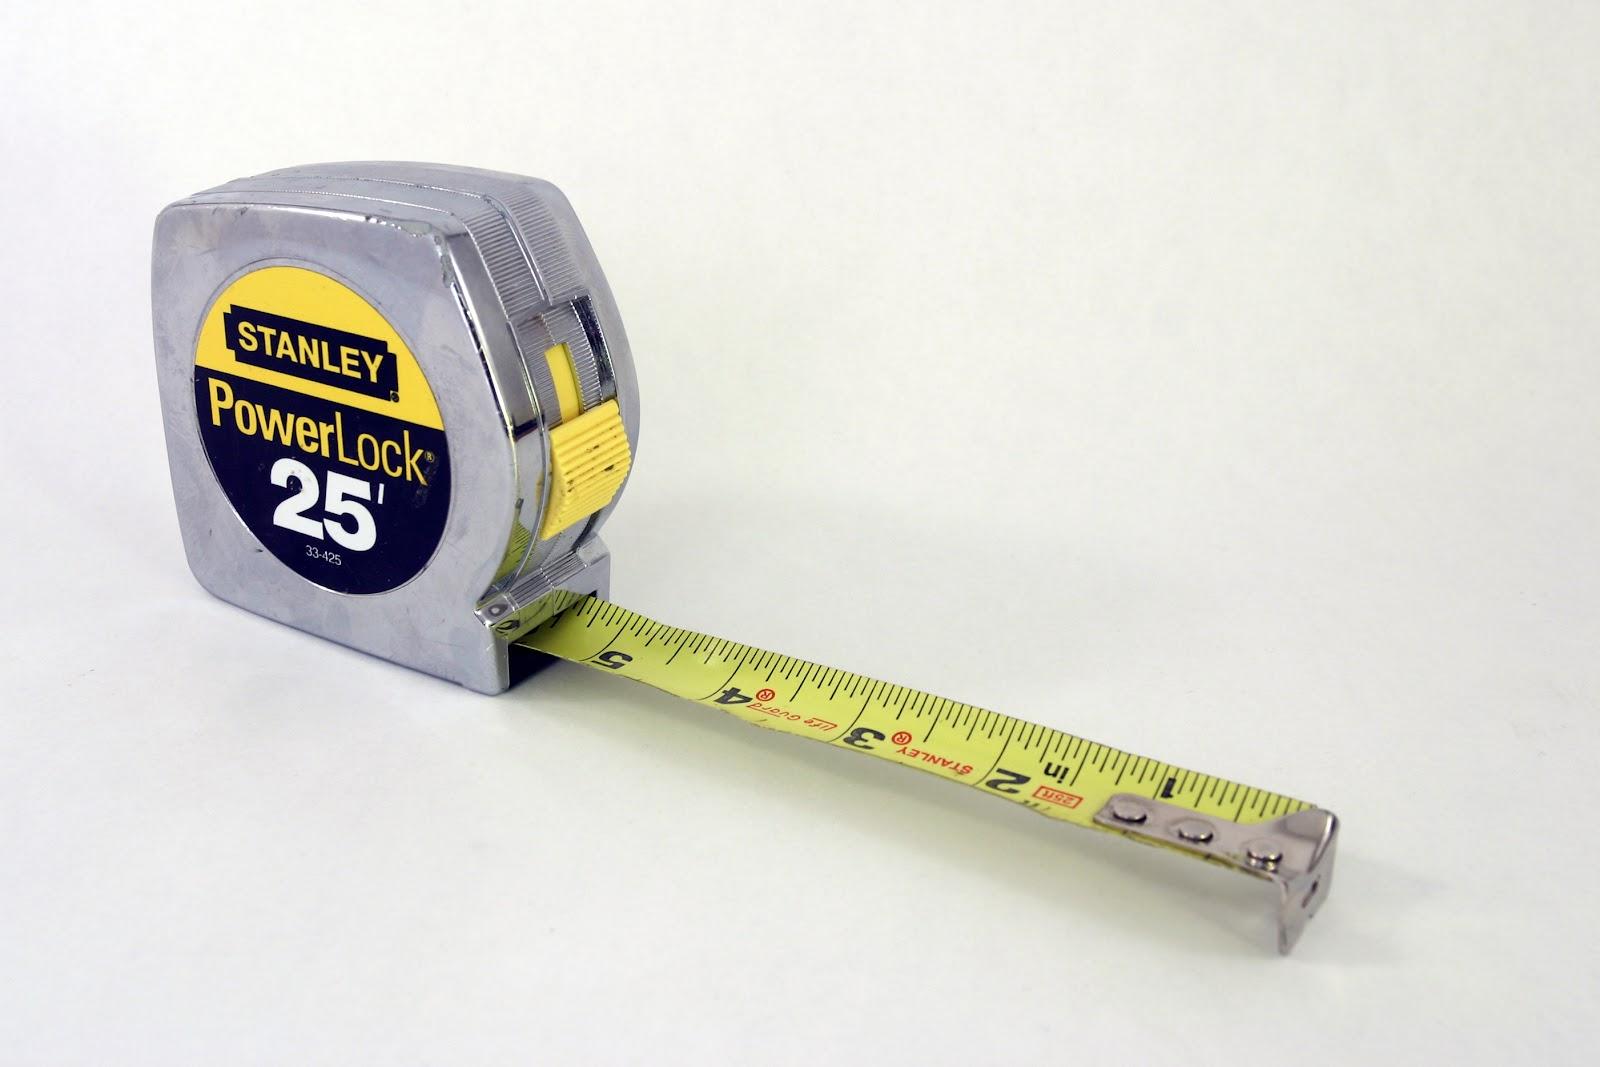 https://upload.wikimedia.org/wikipedia/commons/d/d9/Stanley_PowerLock_tape_measure.jpg